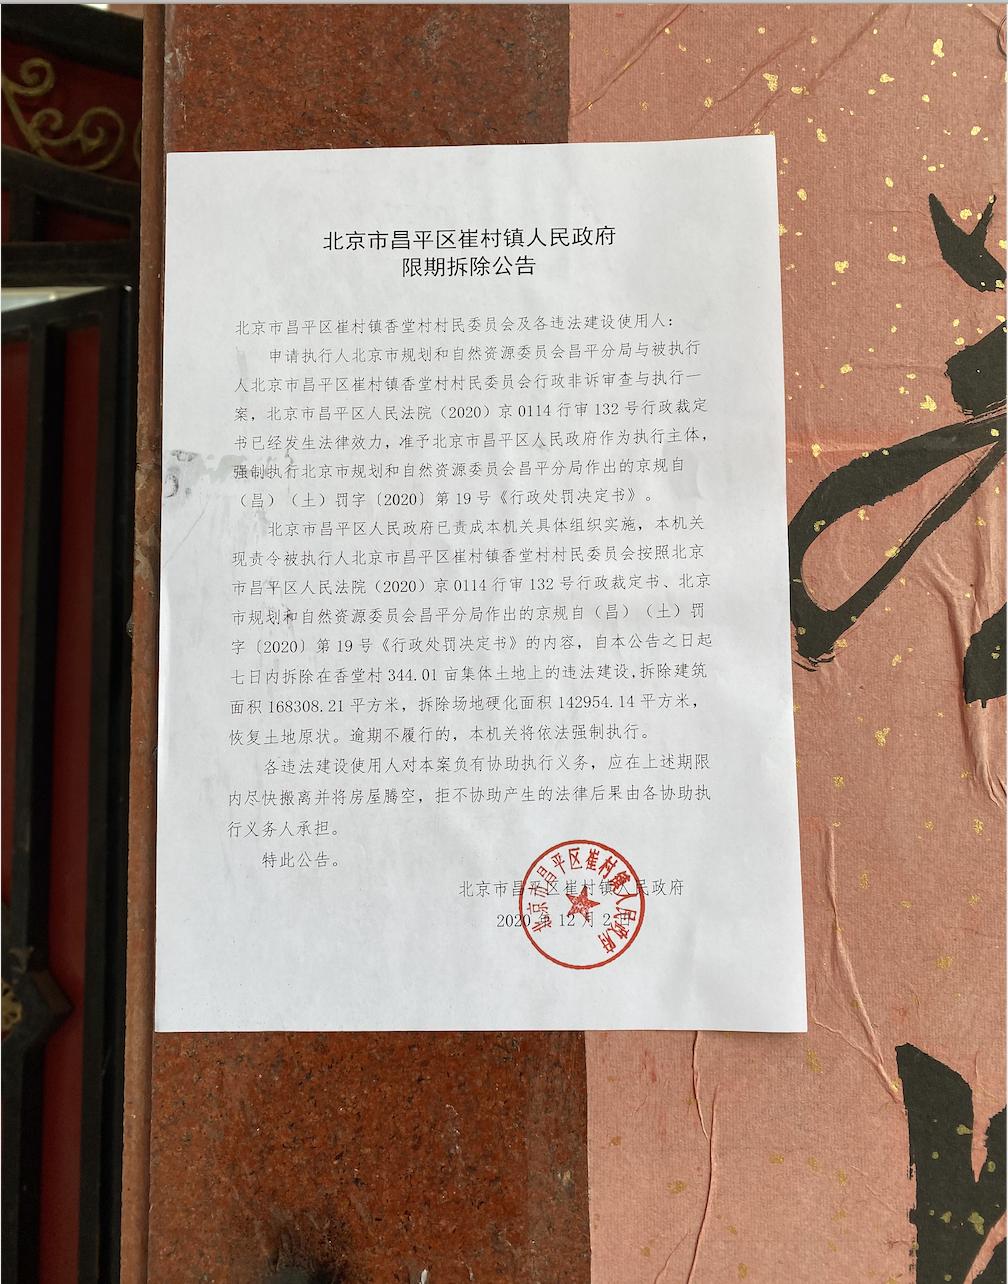 北京昌平下的鎮政府下令香堂文化新村民眾7天內搬遷,不然強拆,不執行者還要上失信黑名單。(受訪者提供)